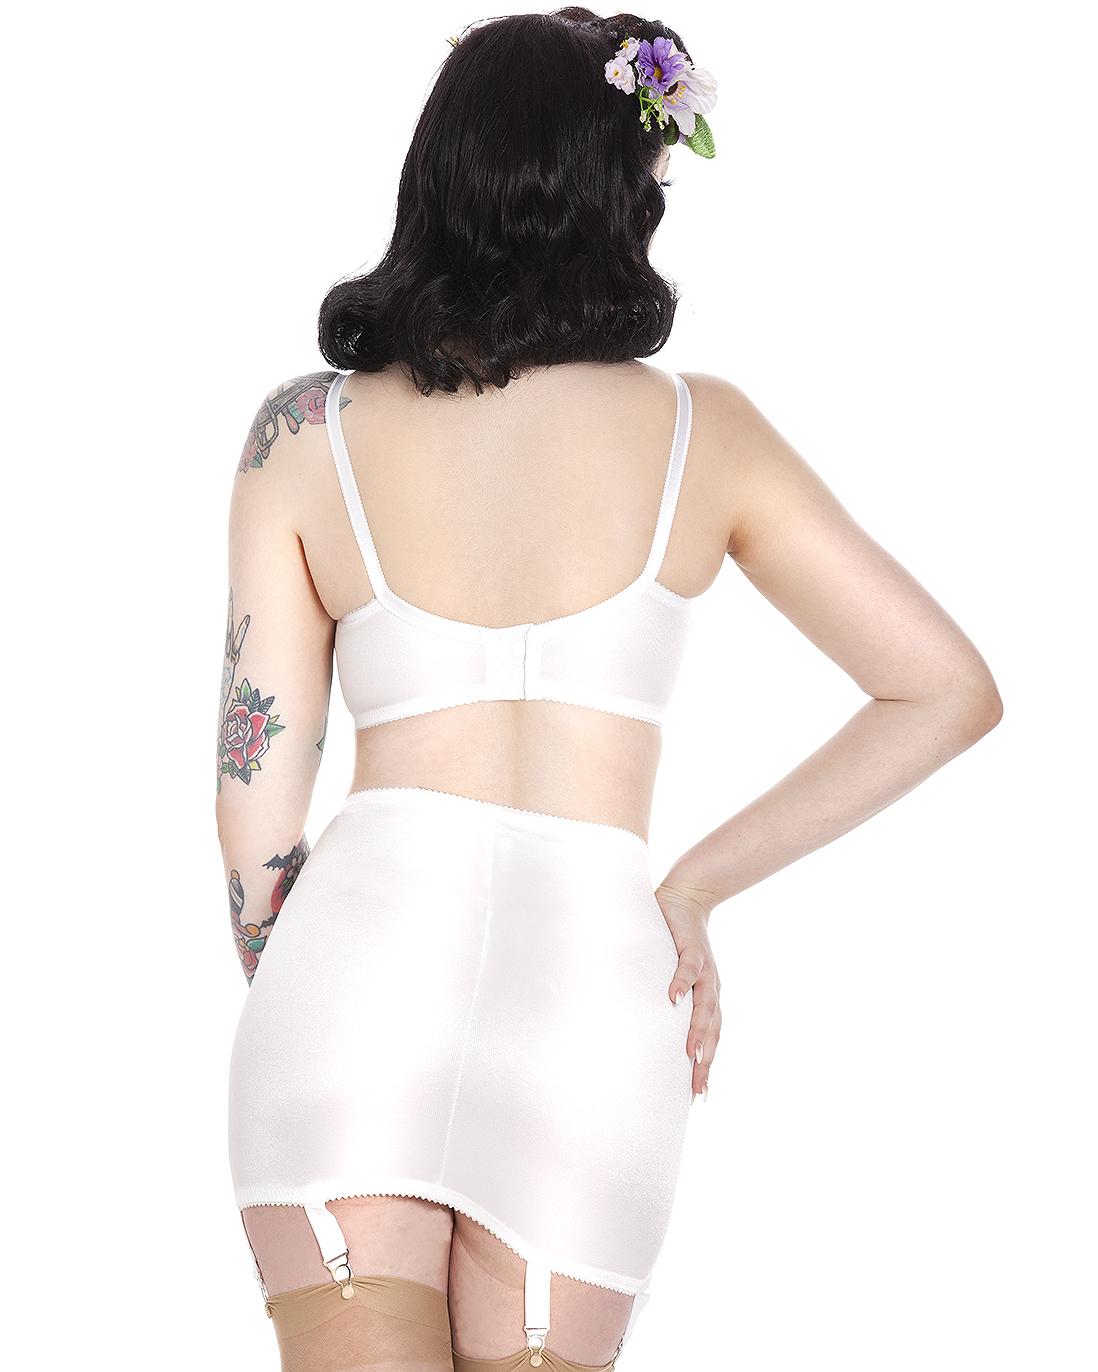 Gina Vintage Style Girdle - White - Cosmic Girl Clothing